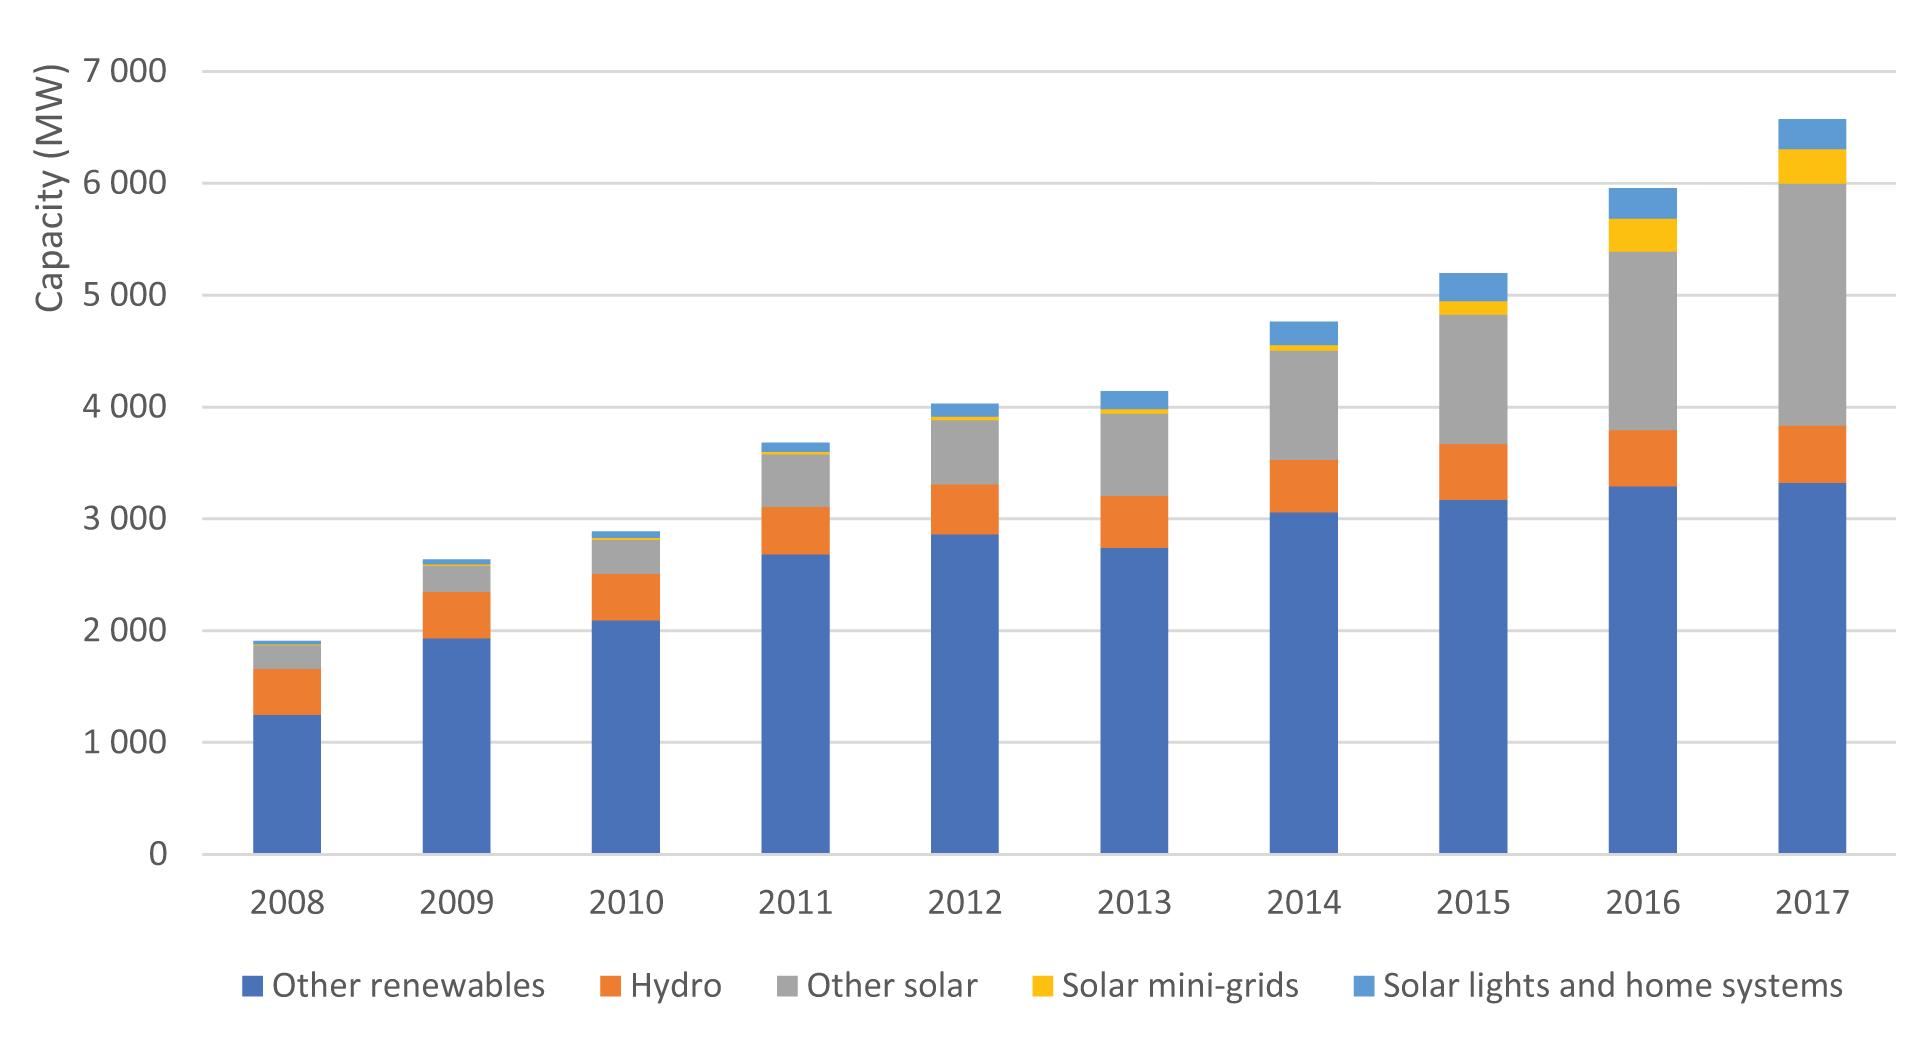 Рис. 4. Встановлена потужність автономних джерел та локальних міні-мереж у світі. Джерело: IRENA «Off-grid renewable energy solutions», 2018.